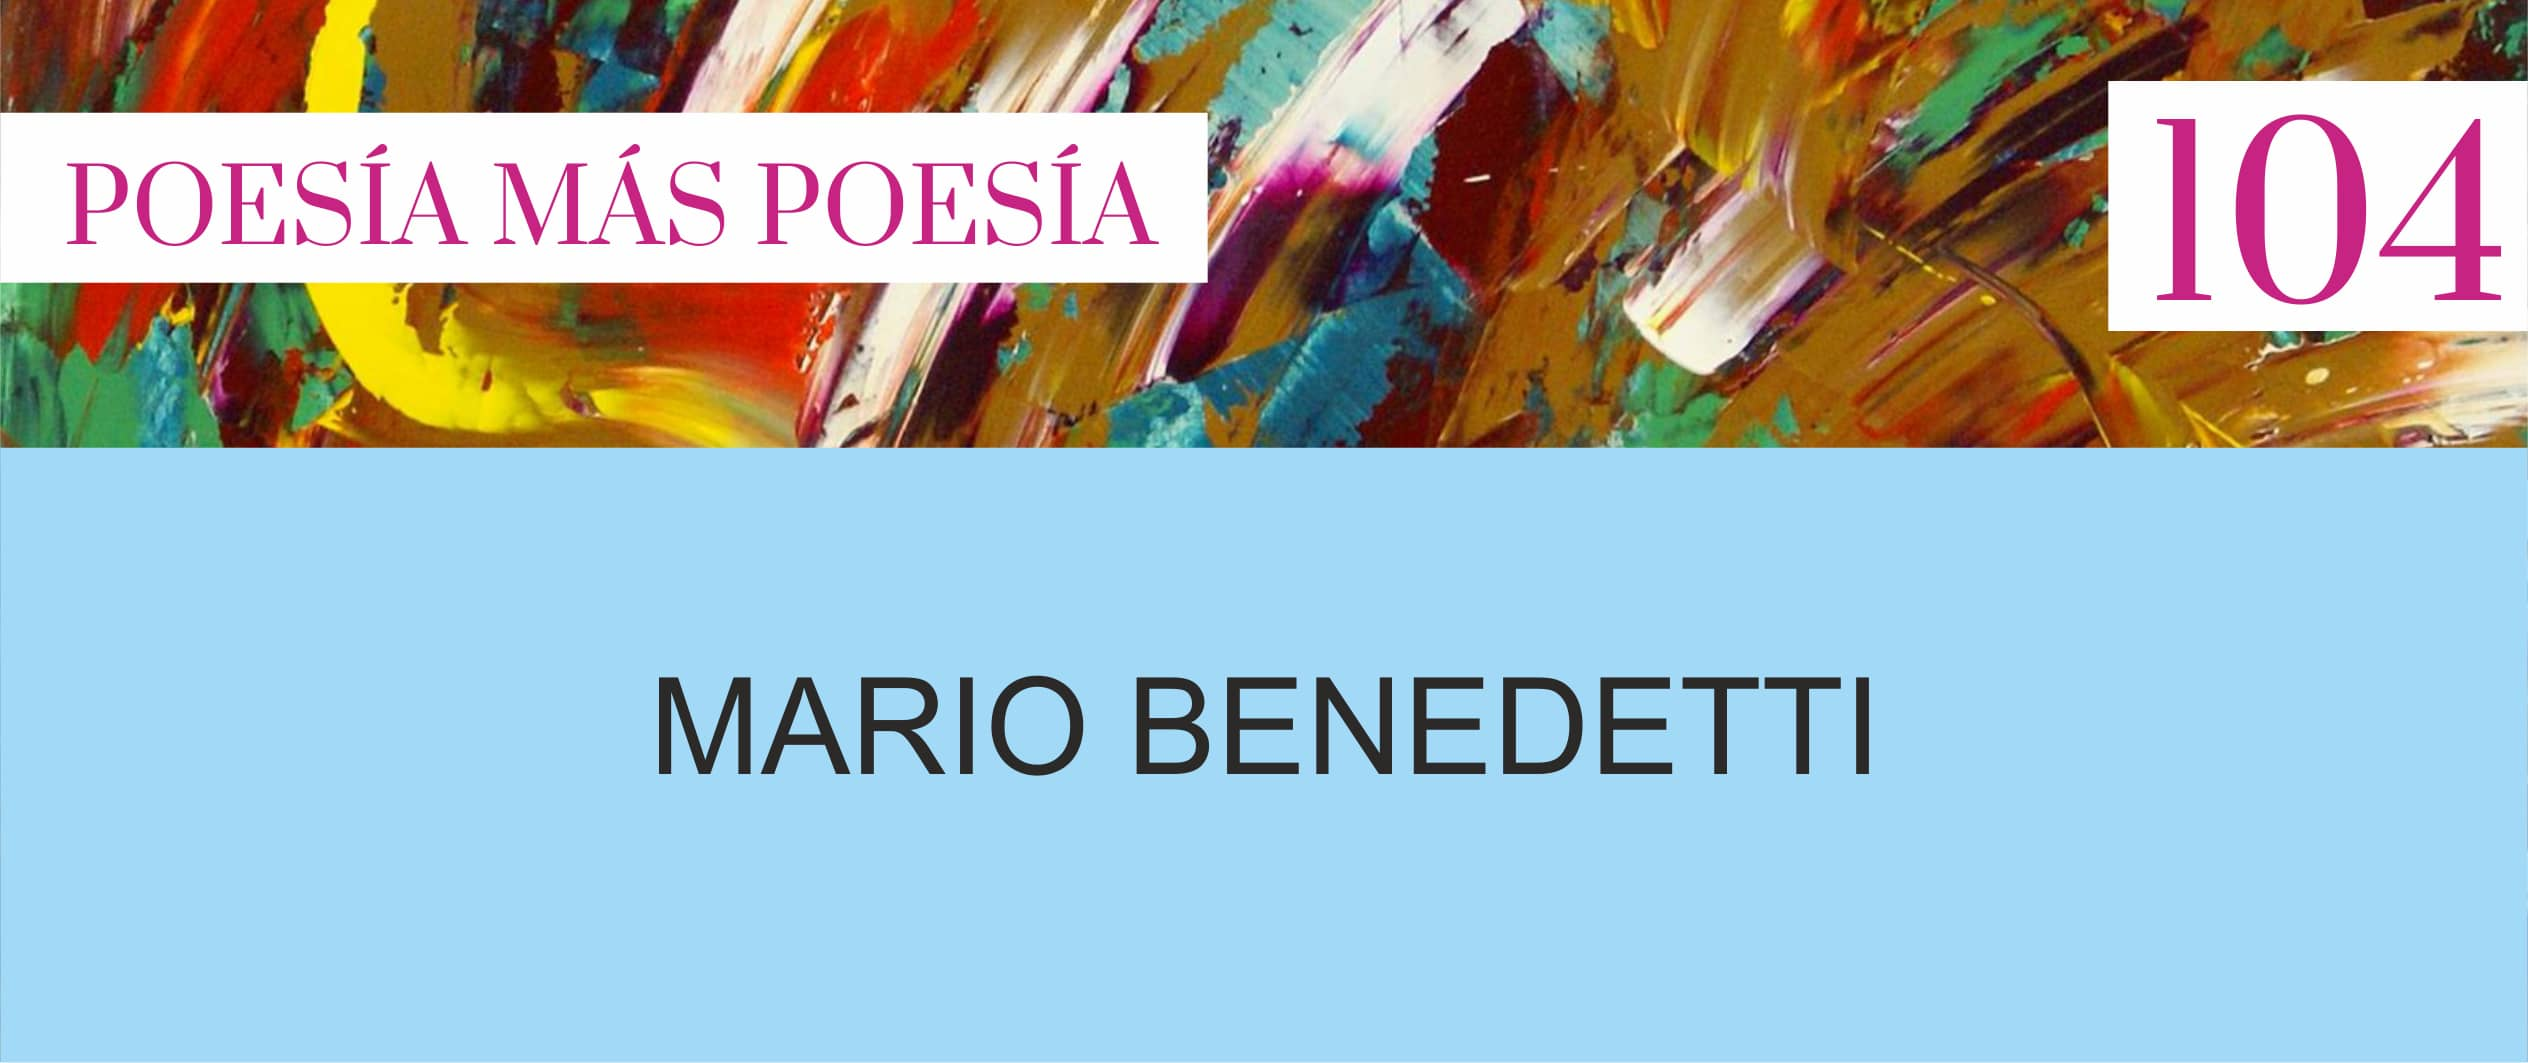 Webp.net compress image 4 - Poesia Online